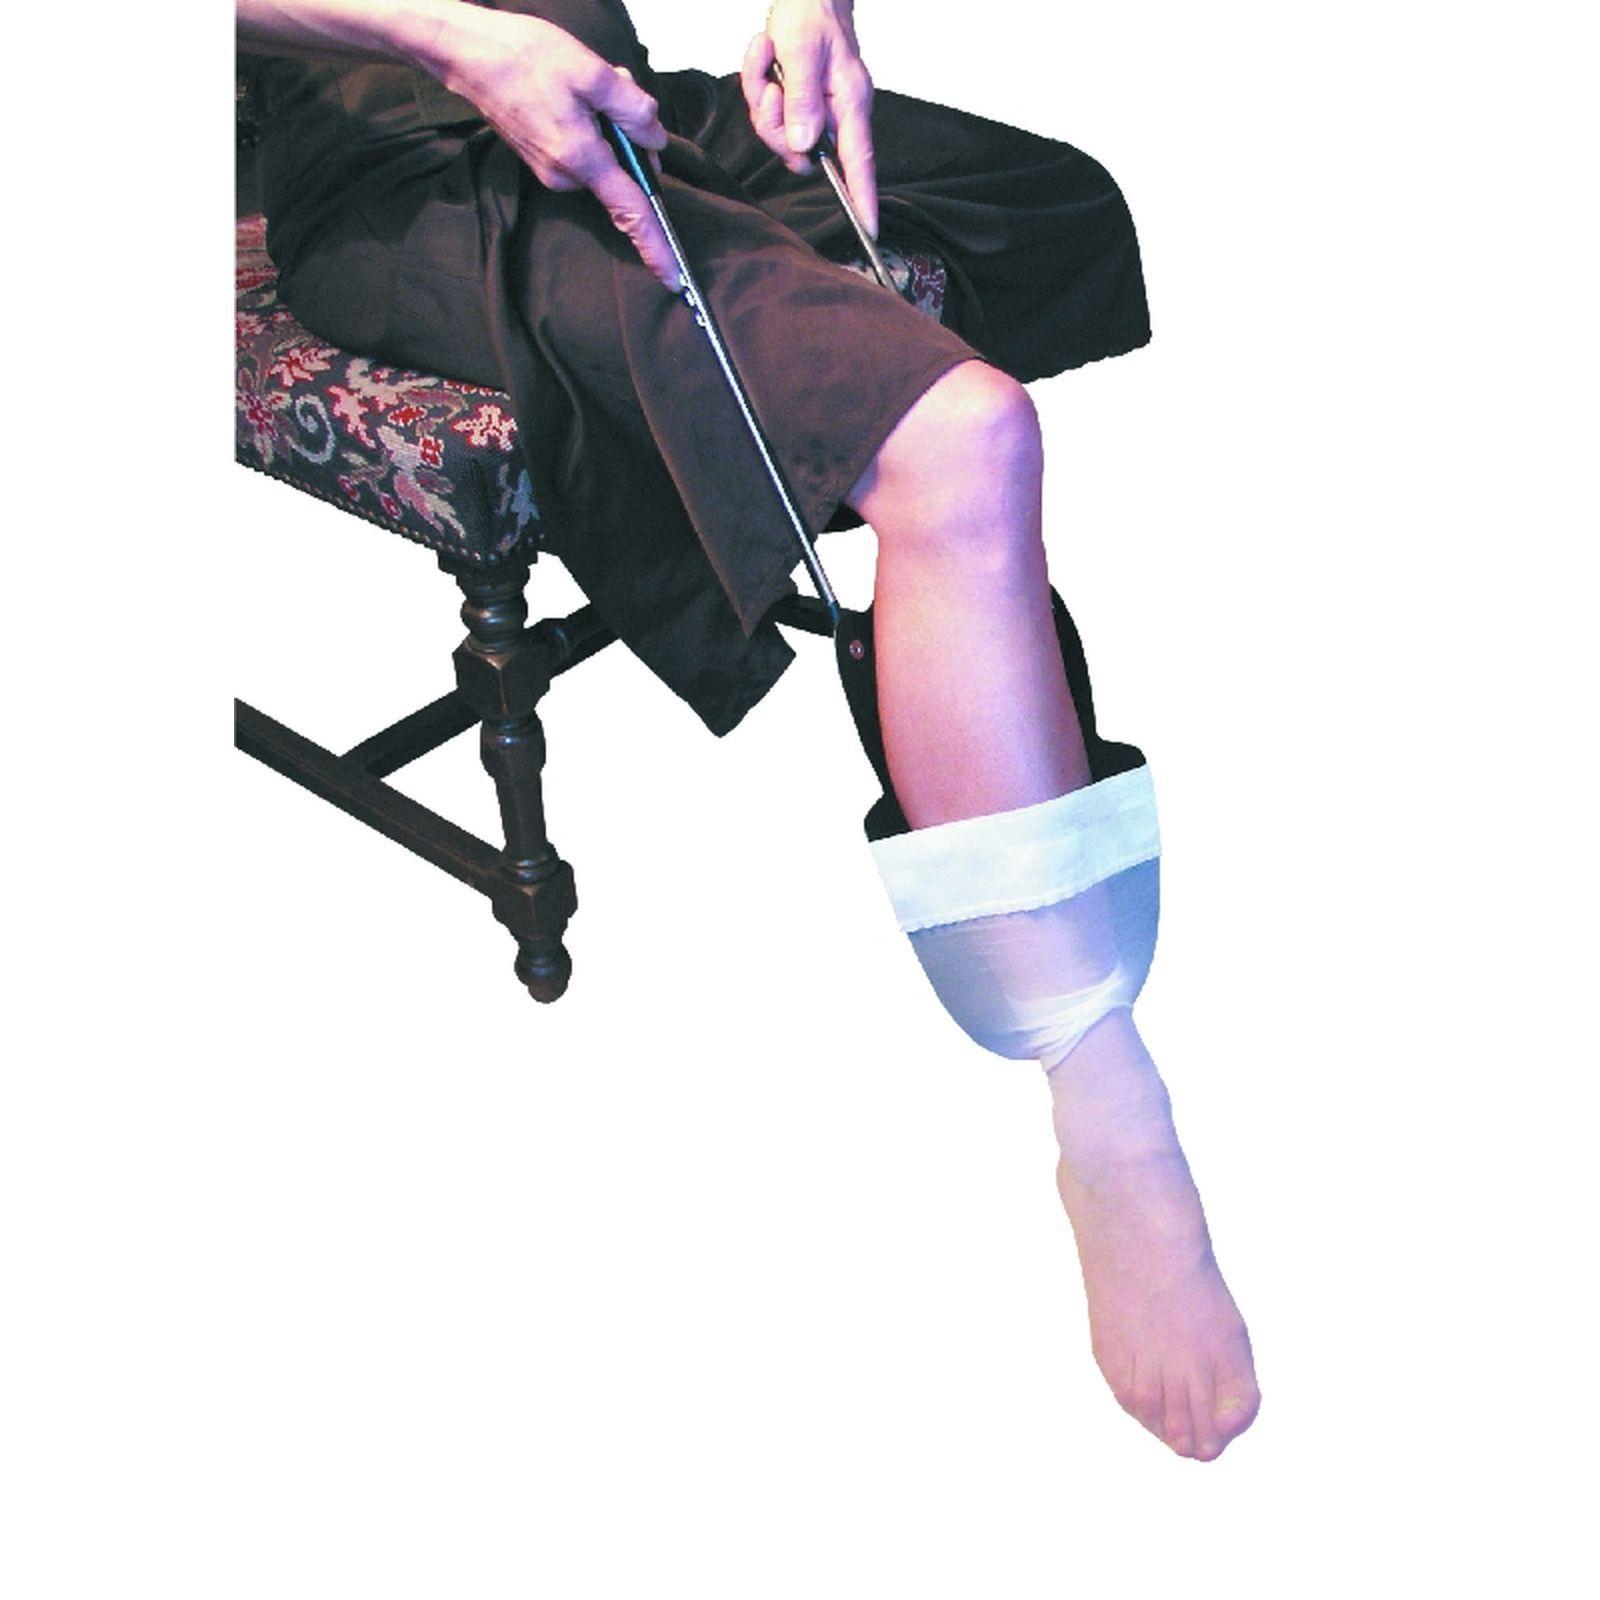 Teleszkopikus harisnya vagy zoknifelhúzó